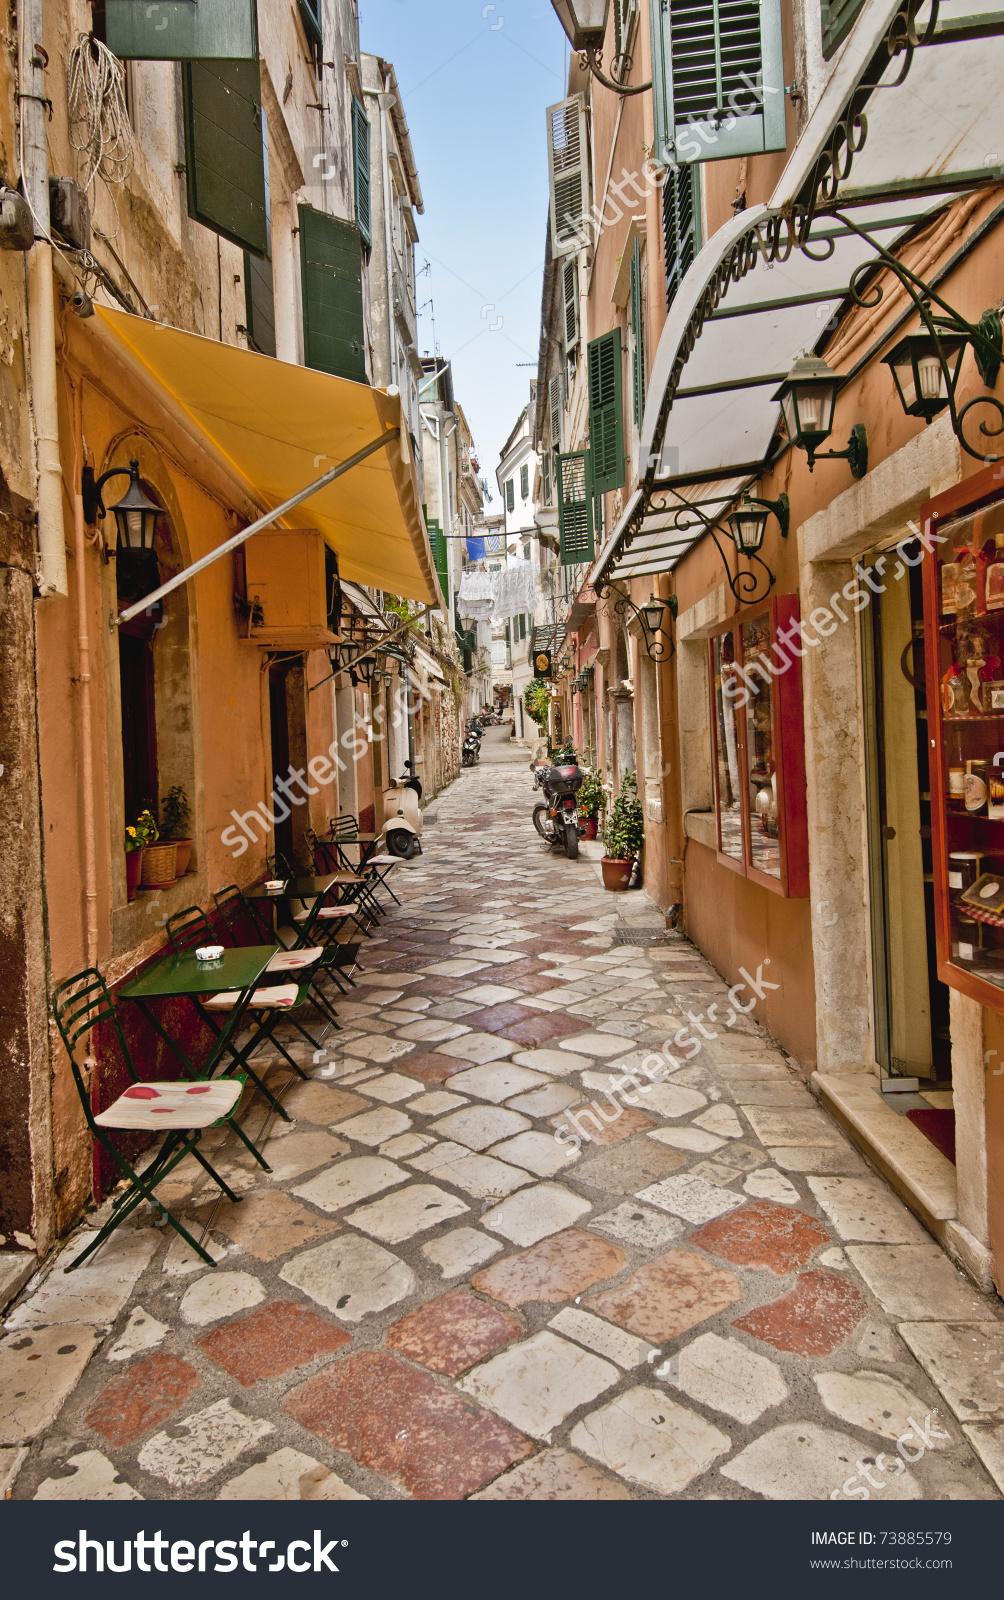 Streets Corfu City Kerkyra Greece Stock Photo 73885579.